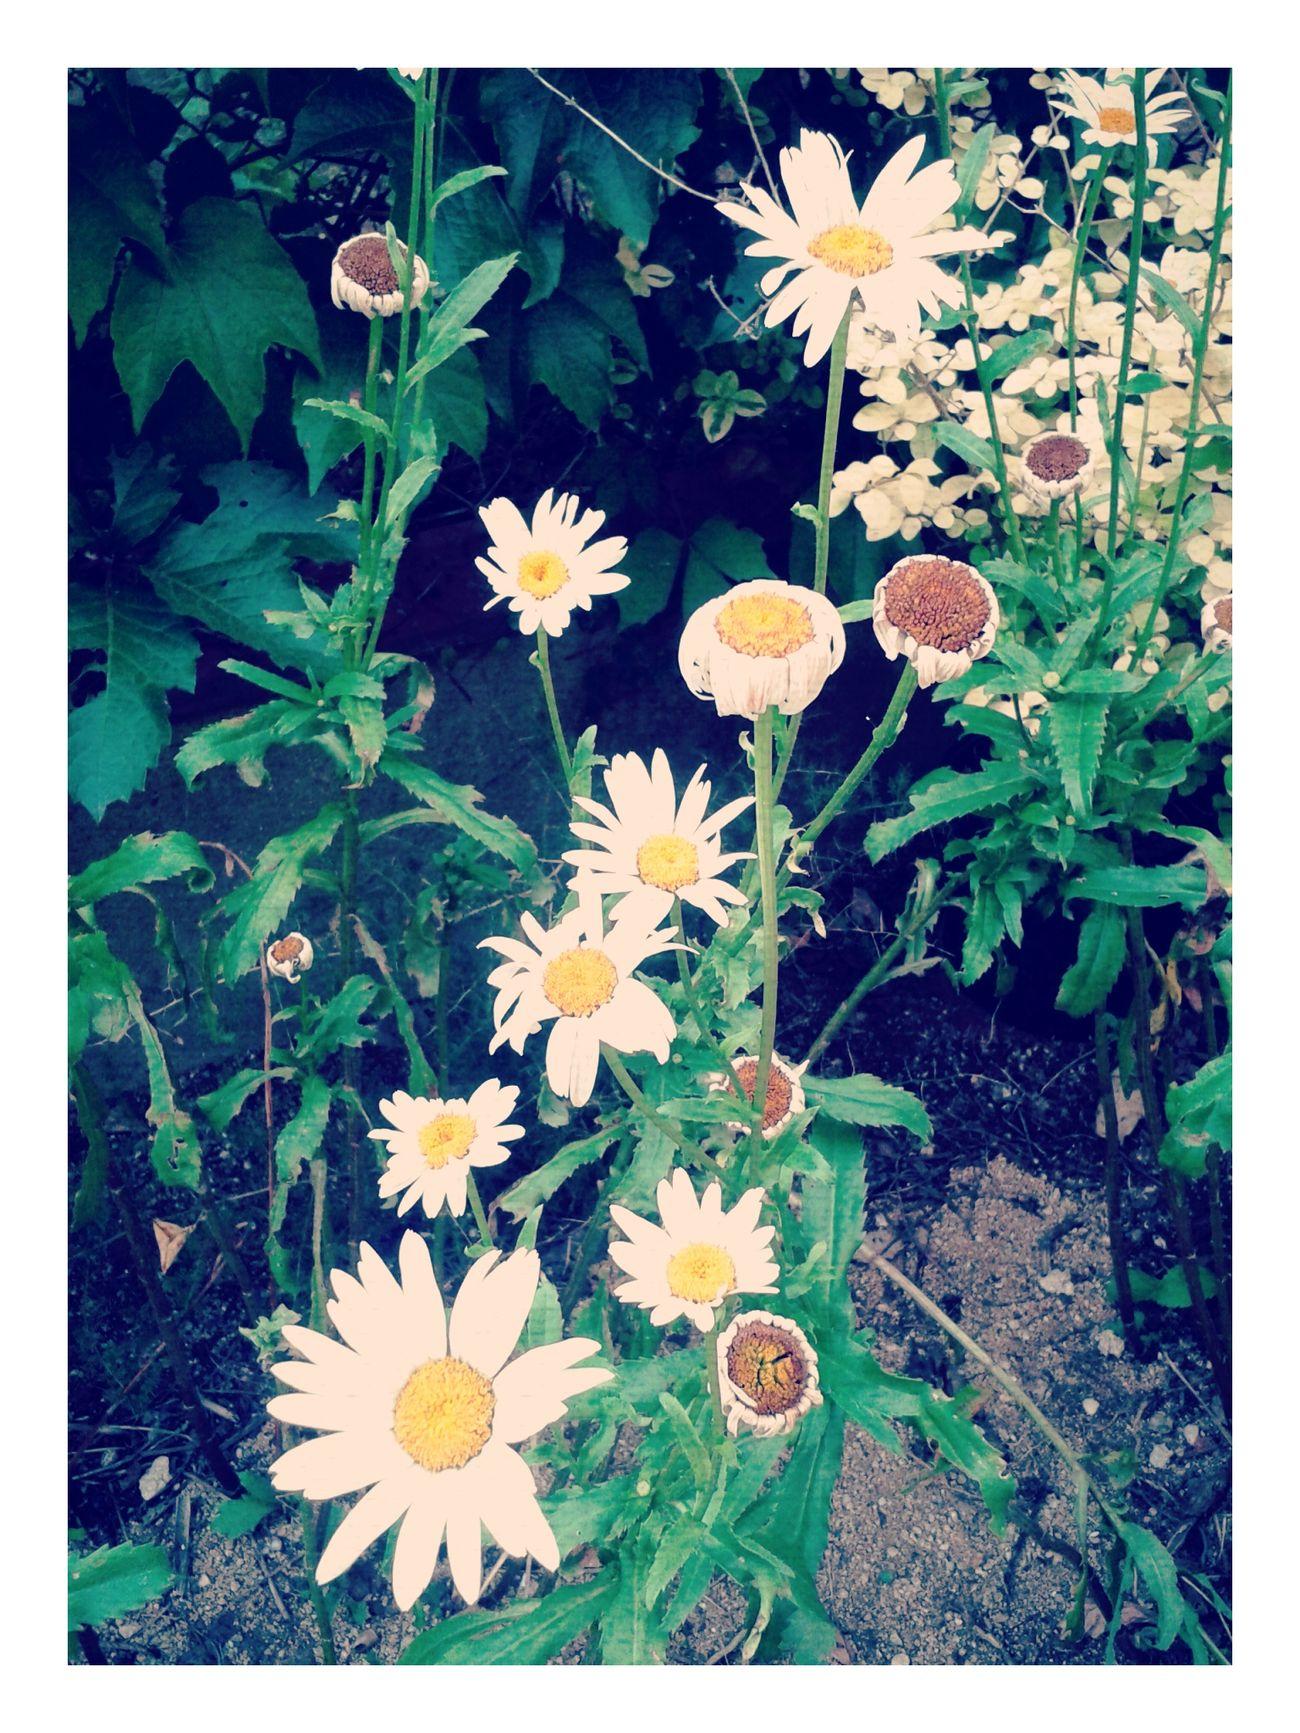 Les flors es baden sense esforç i moren en silenci, encara són fidels a la crida del temps Flors Nature